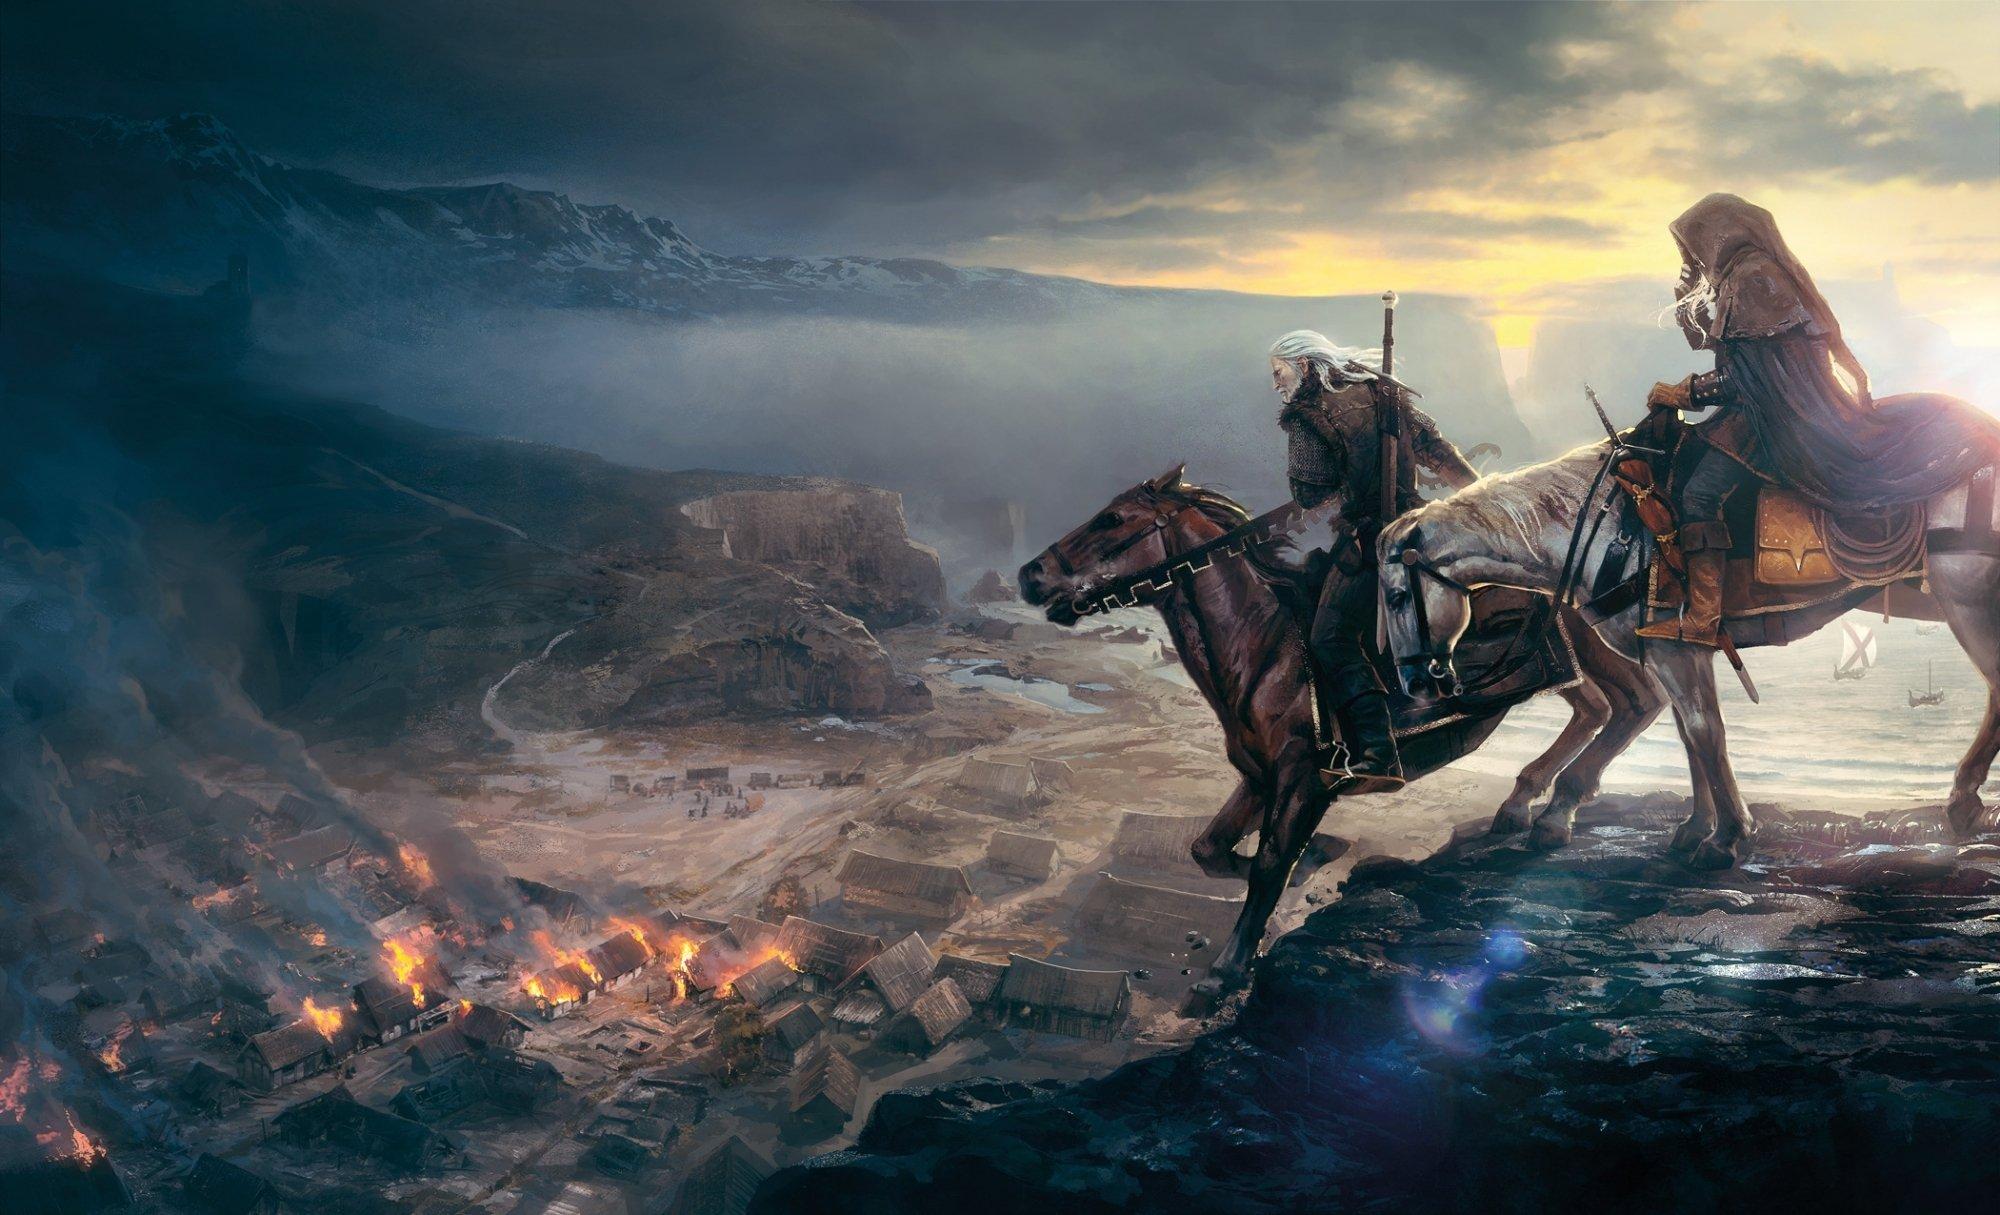 The Witcher 3: Wild Hunt. Оценки!  GameSpot — 10/10  Одна из лучших игр в истории  GameGuru - 10/10 Gameswelt - 10/ .... - Изображение 5